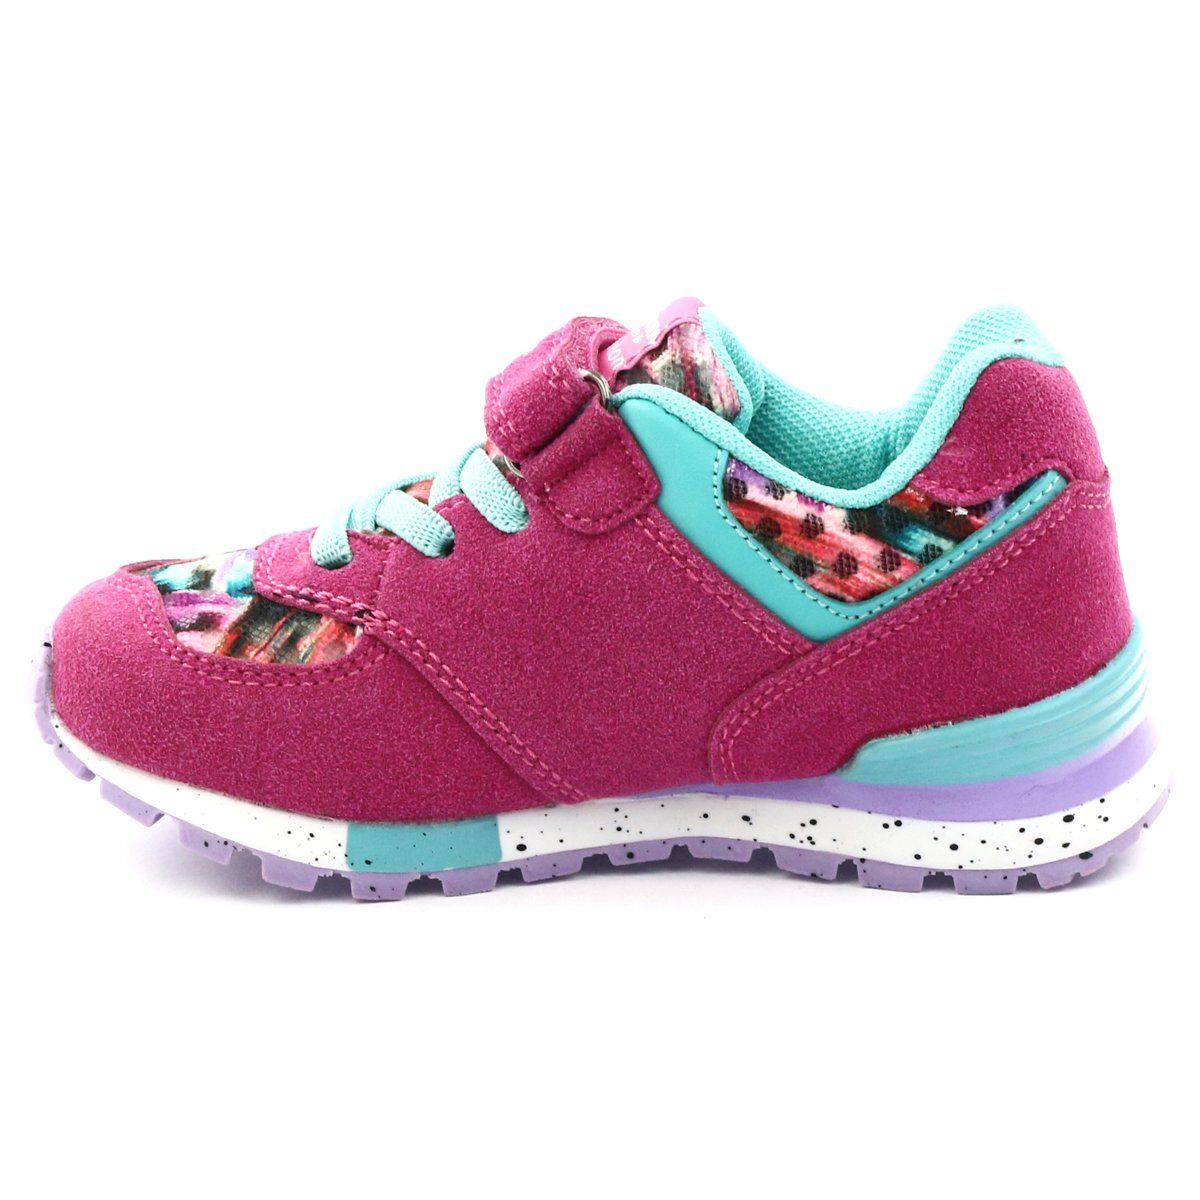 American Club Buty Sportowe Rozowe American 15110 Fuksja Wielokolorowe Shoes Winter Shoes Sneakers